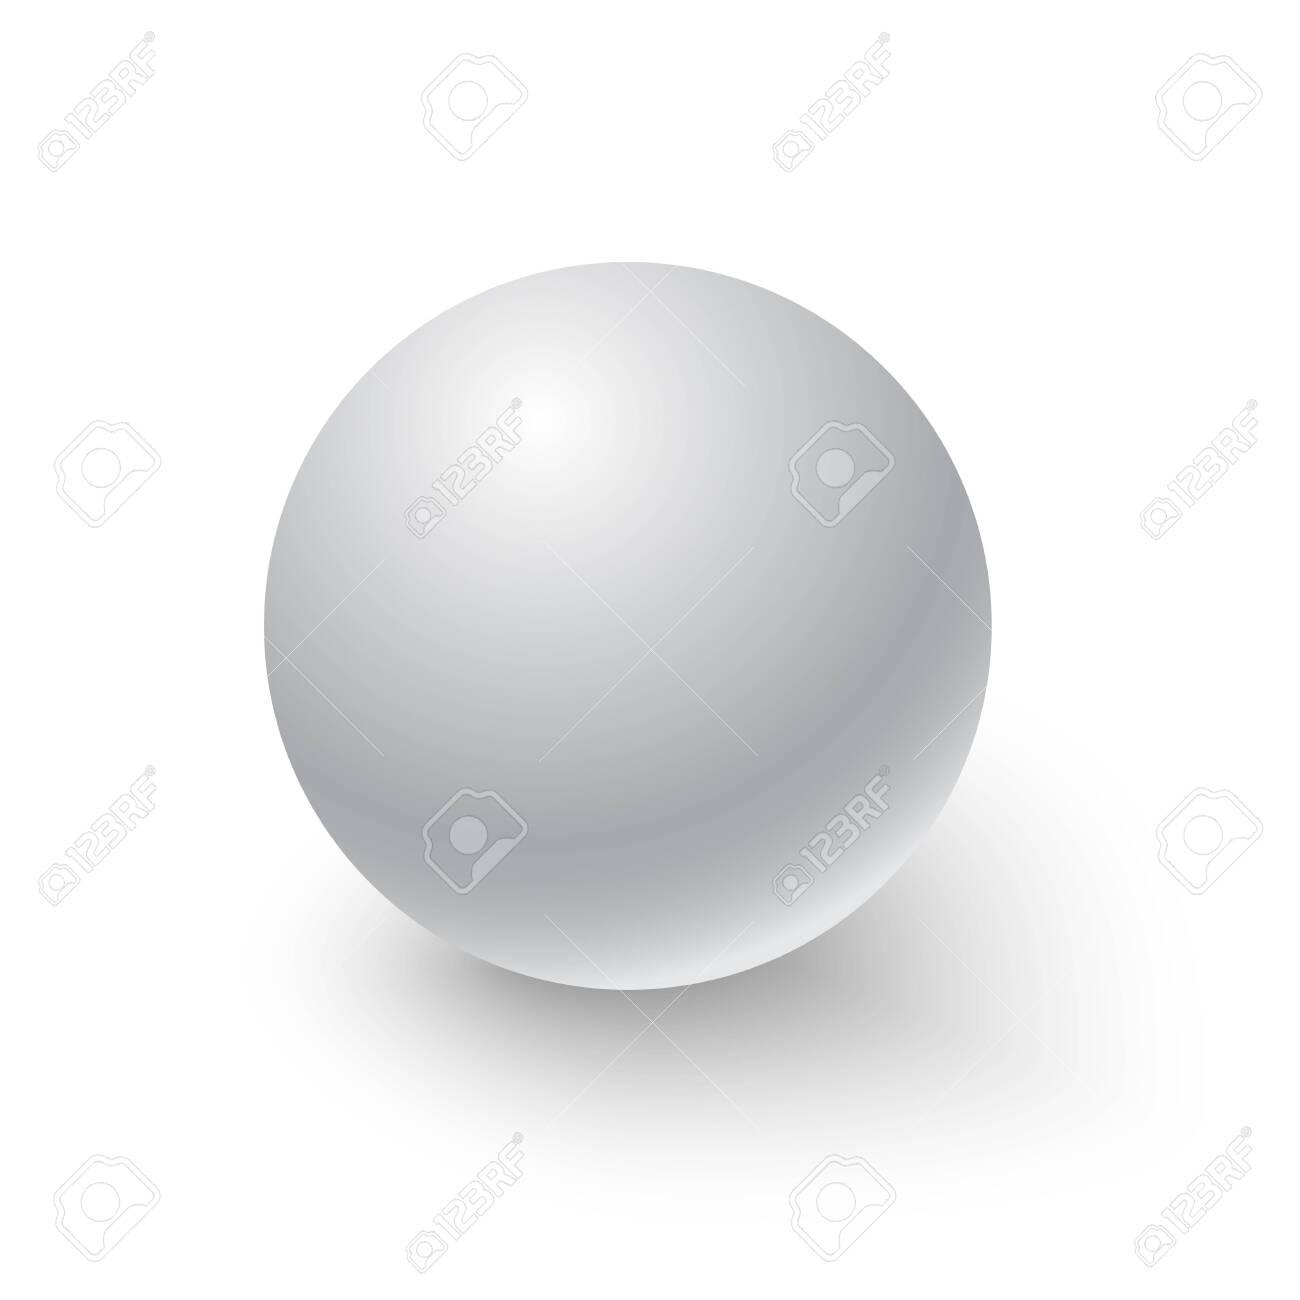 White sphere. Ball. 3D. Vector illustration - 123943689